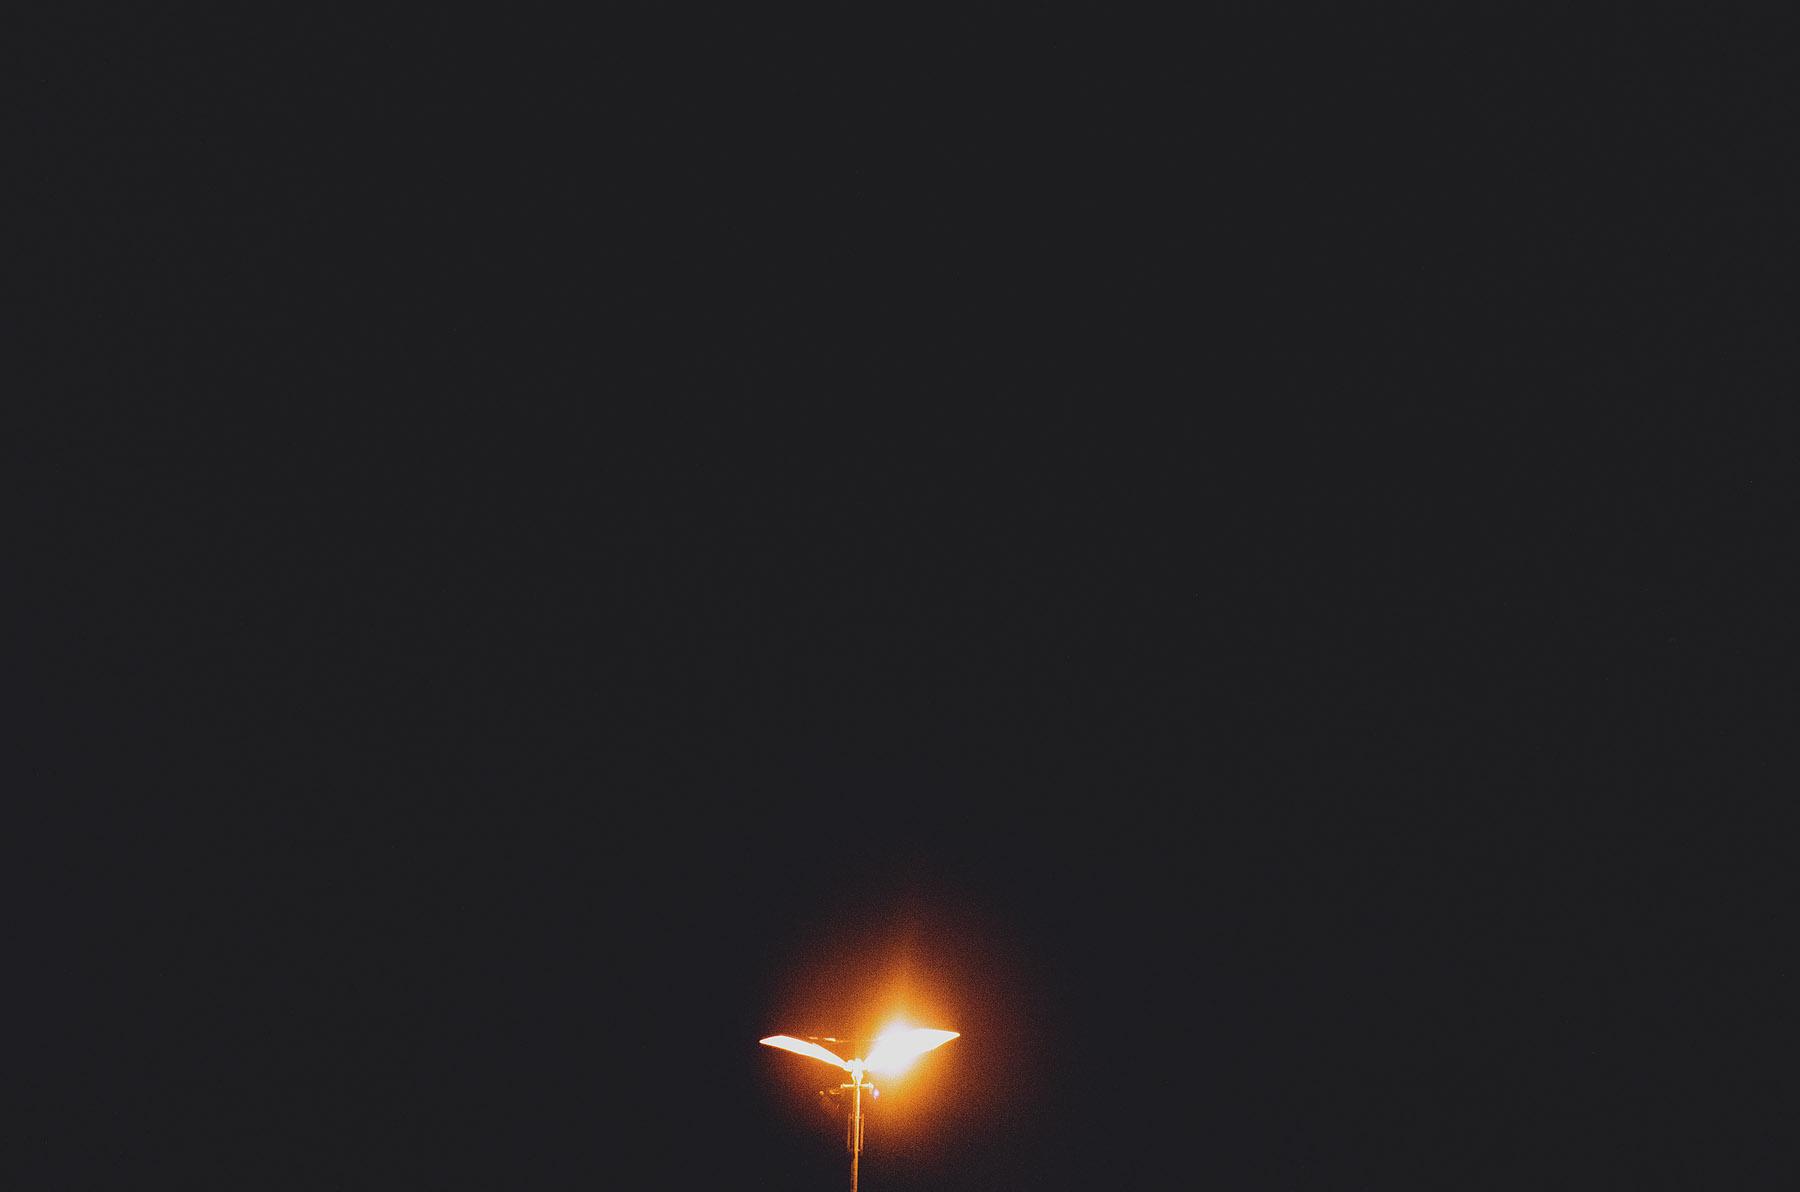 夜,心象攝影,心情,暗,悲傷,孤獨